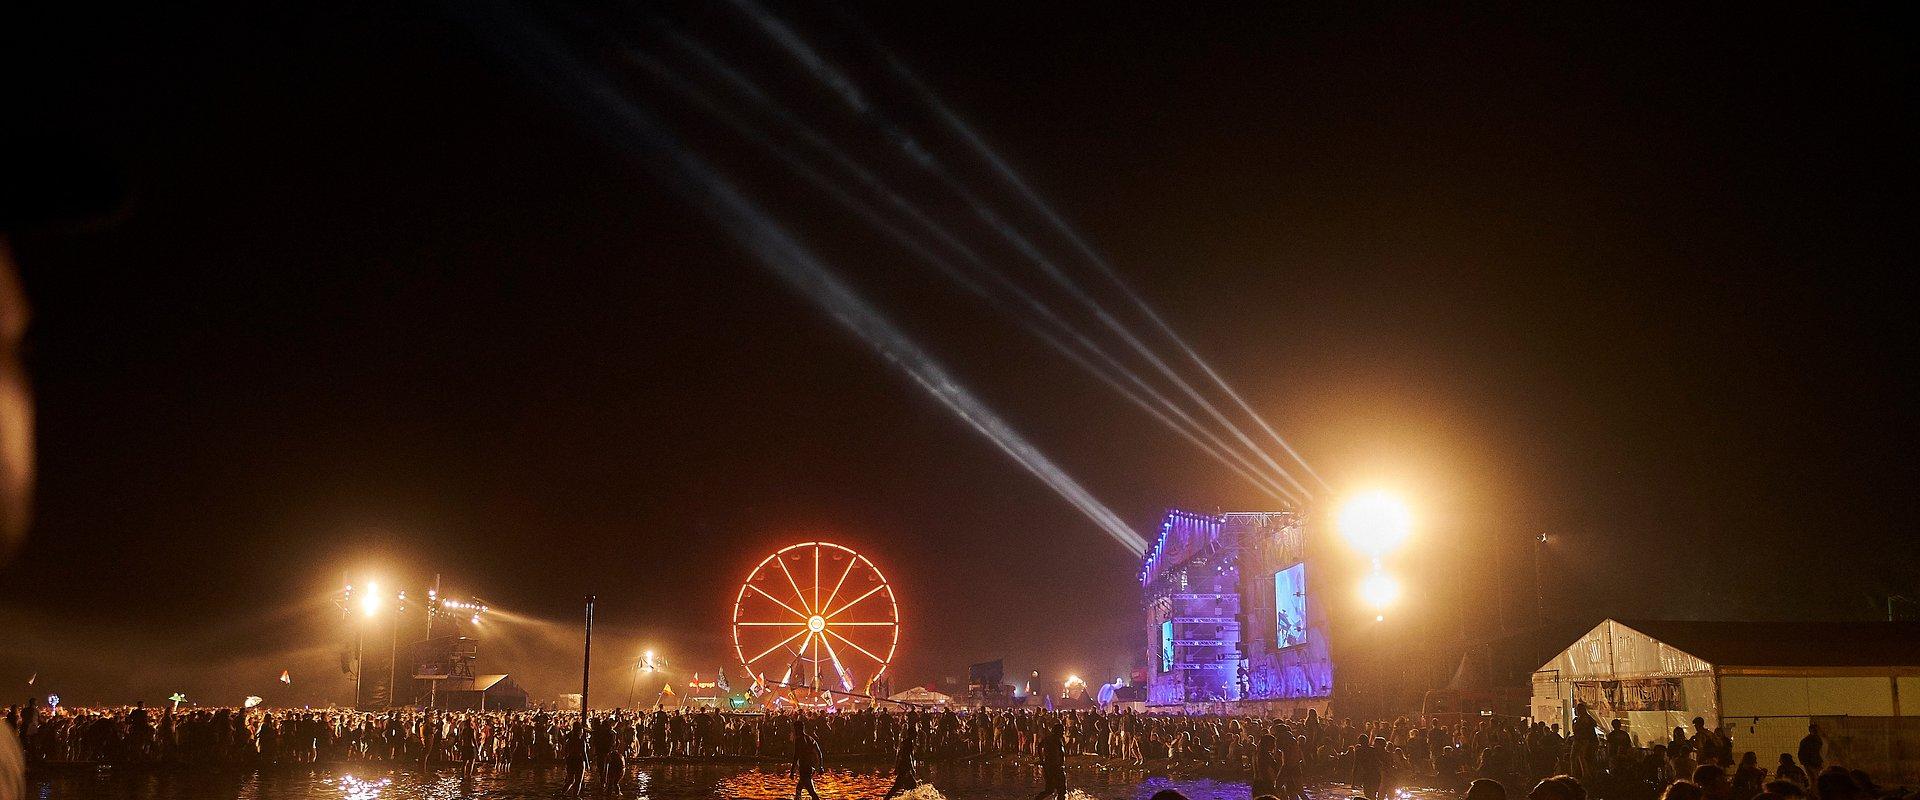 Best Overseas Festival